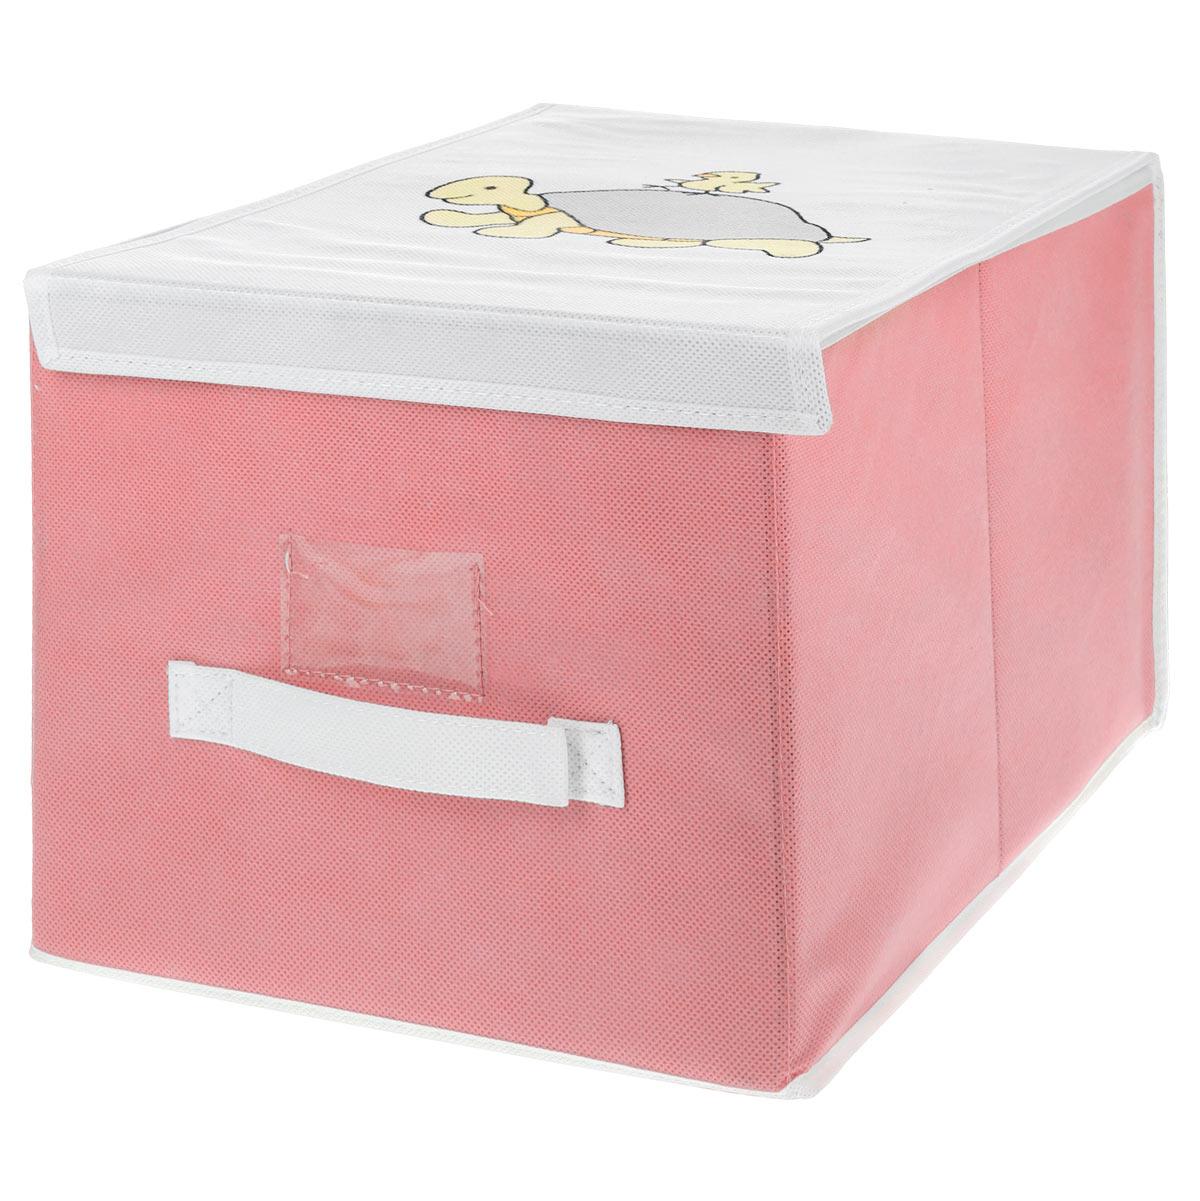 Чехол для хранения Voila Baby, цвет: розовый, 30 см х 40 см х 25 см